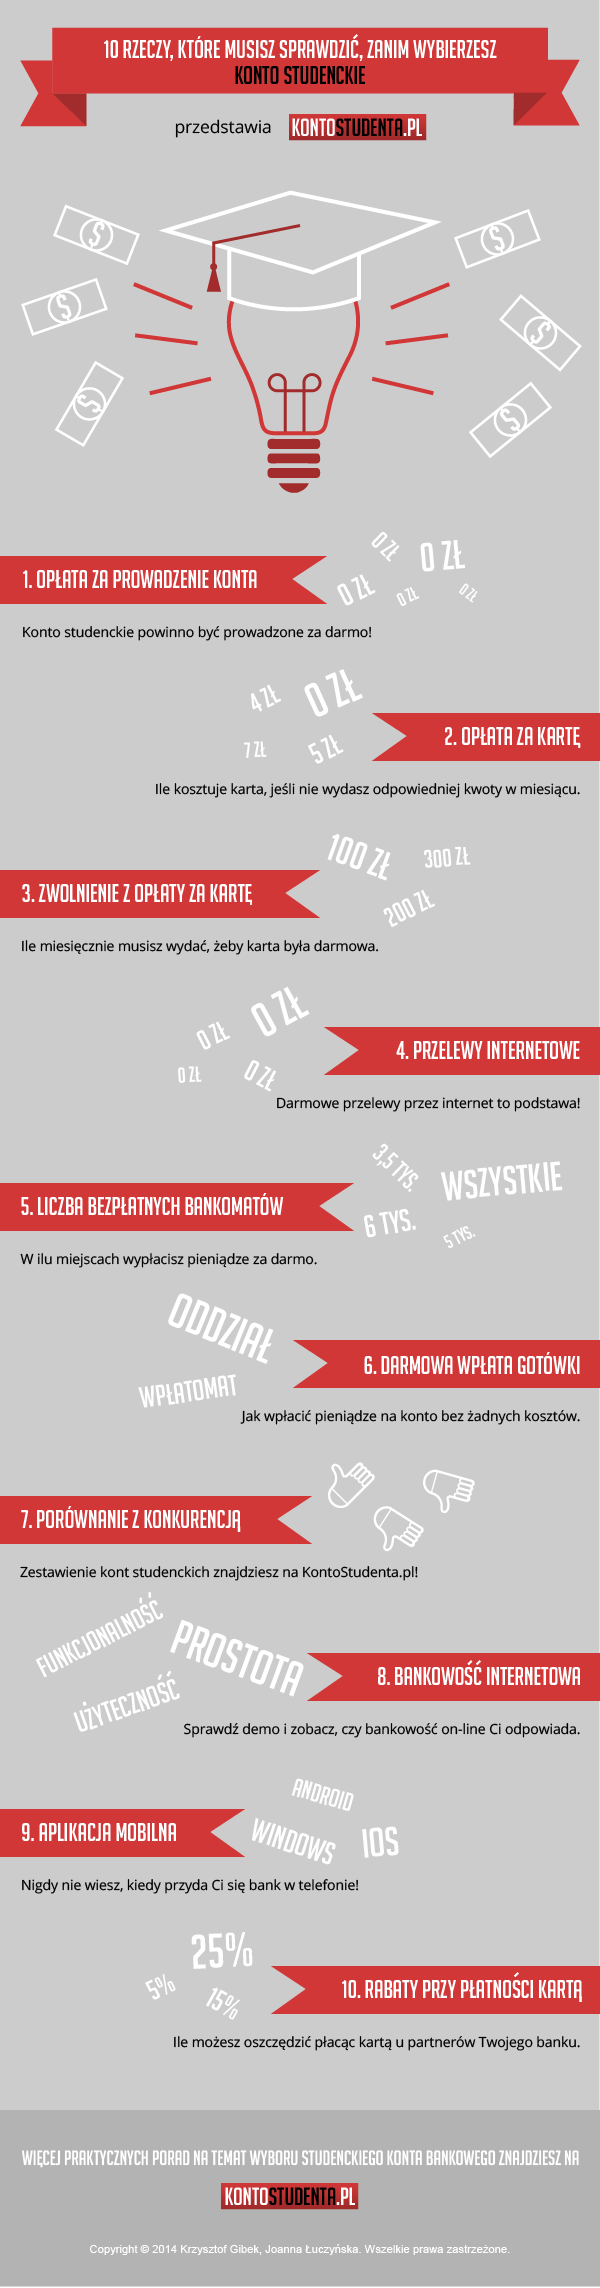 Jak wybrać konto studenckie - infografika kontostudenta.pl